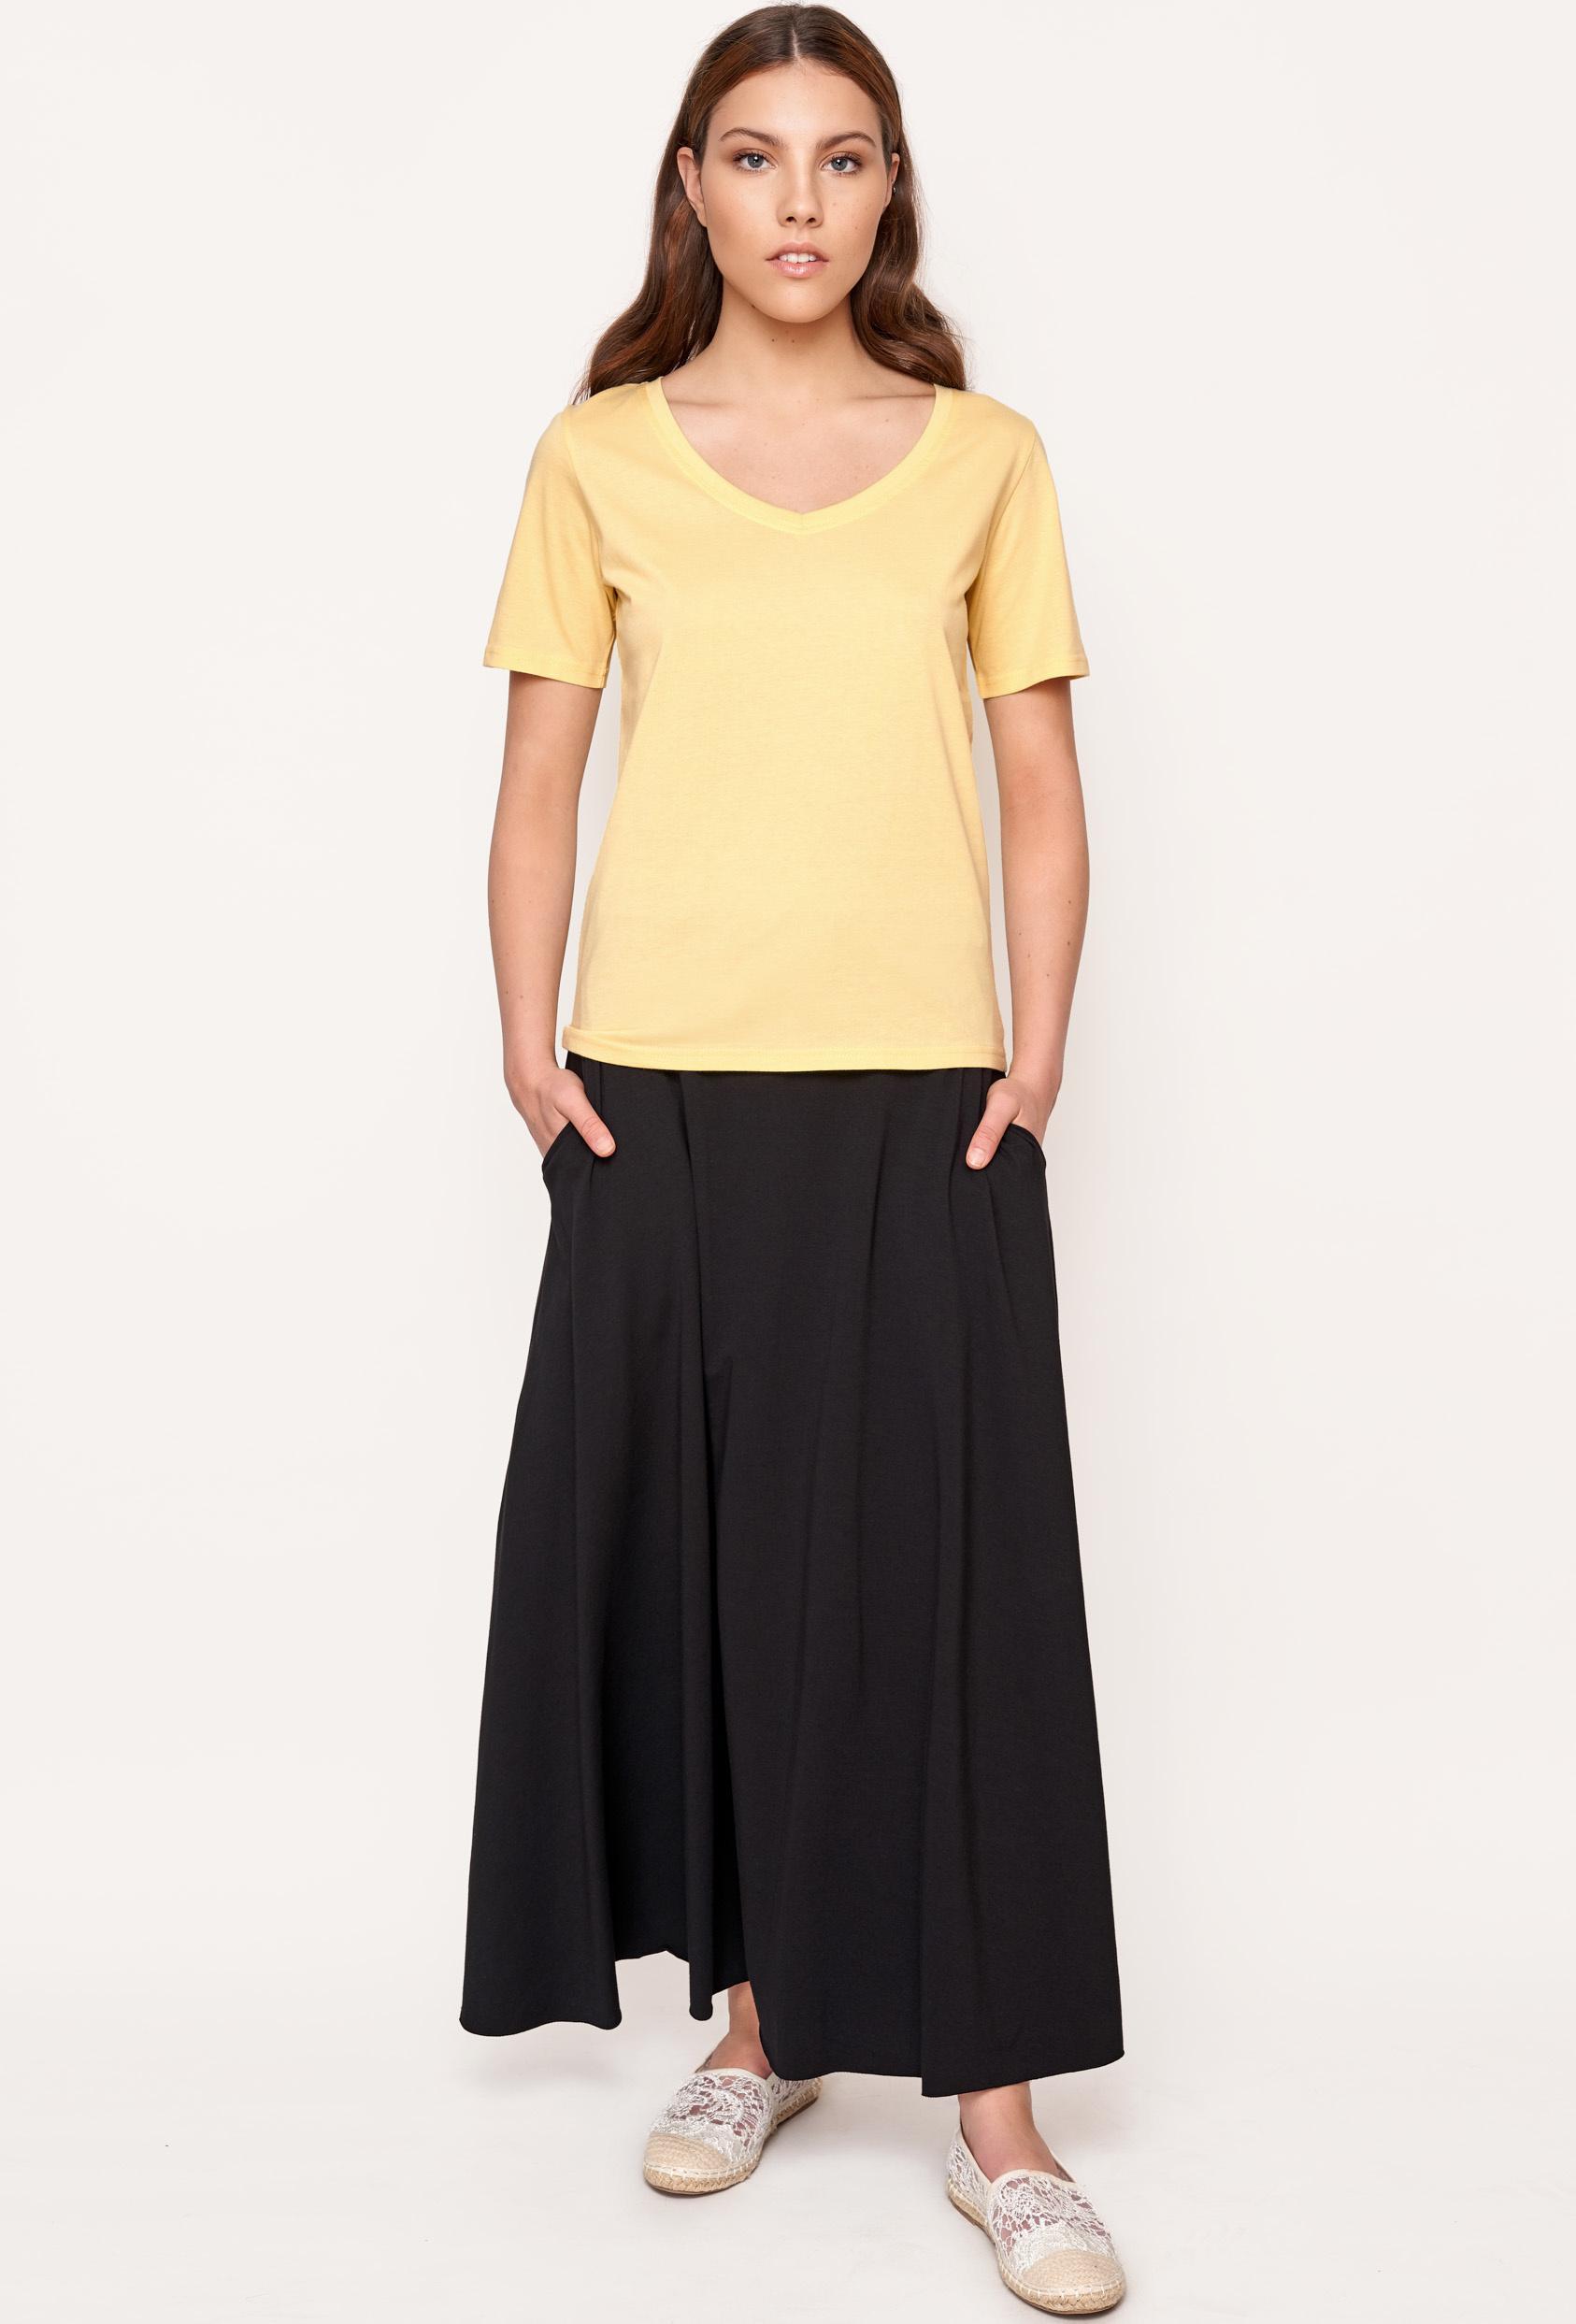 Koszulka prosta ZALIA T-SHIRT żółta